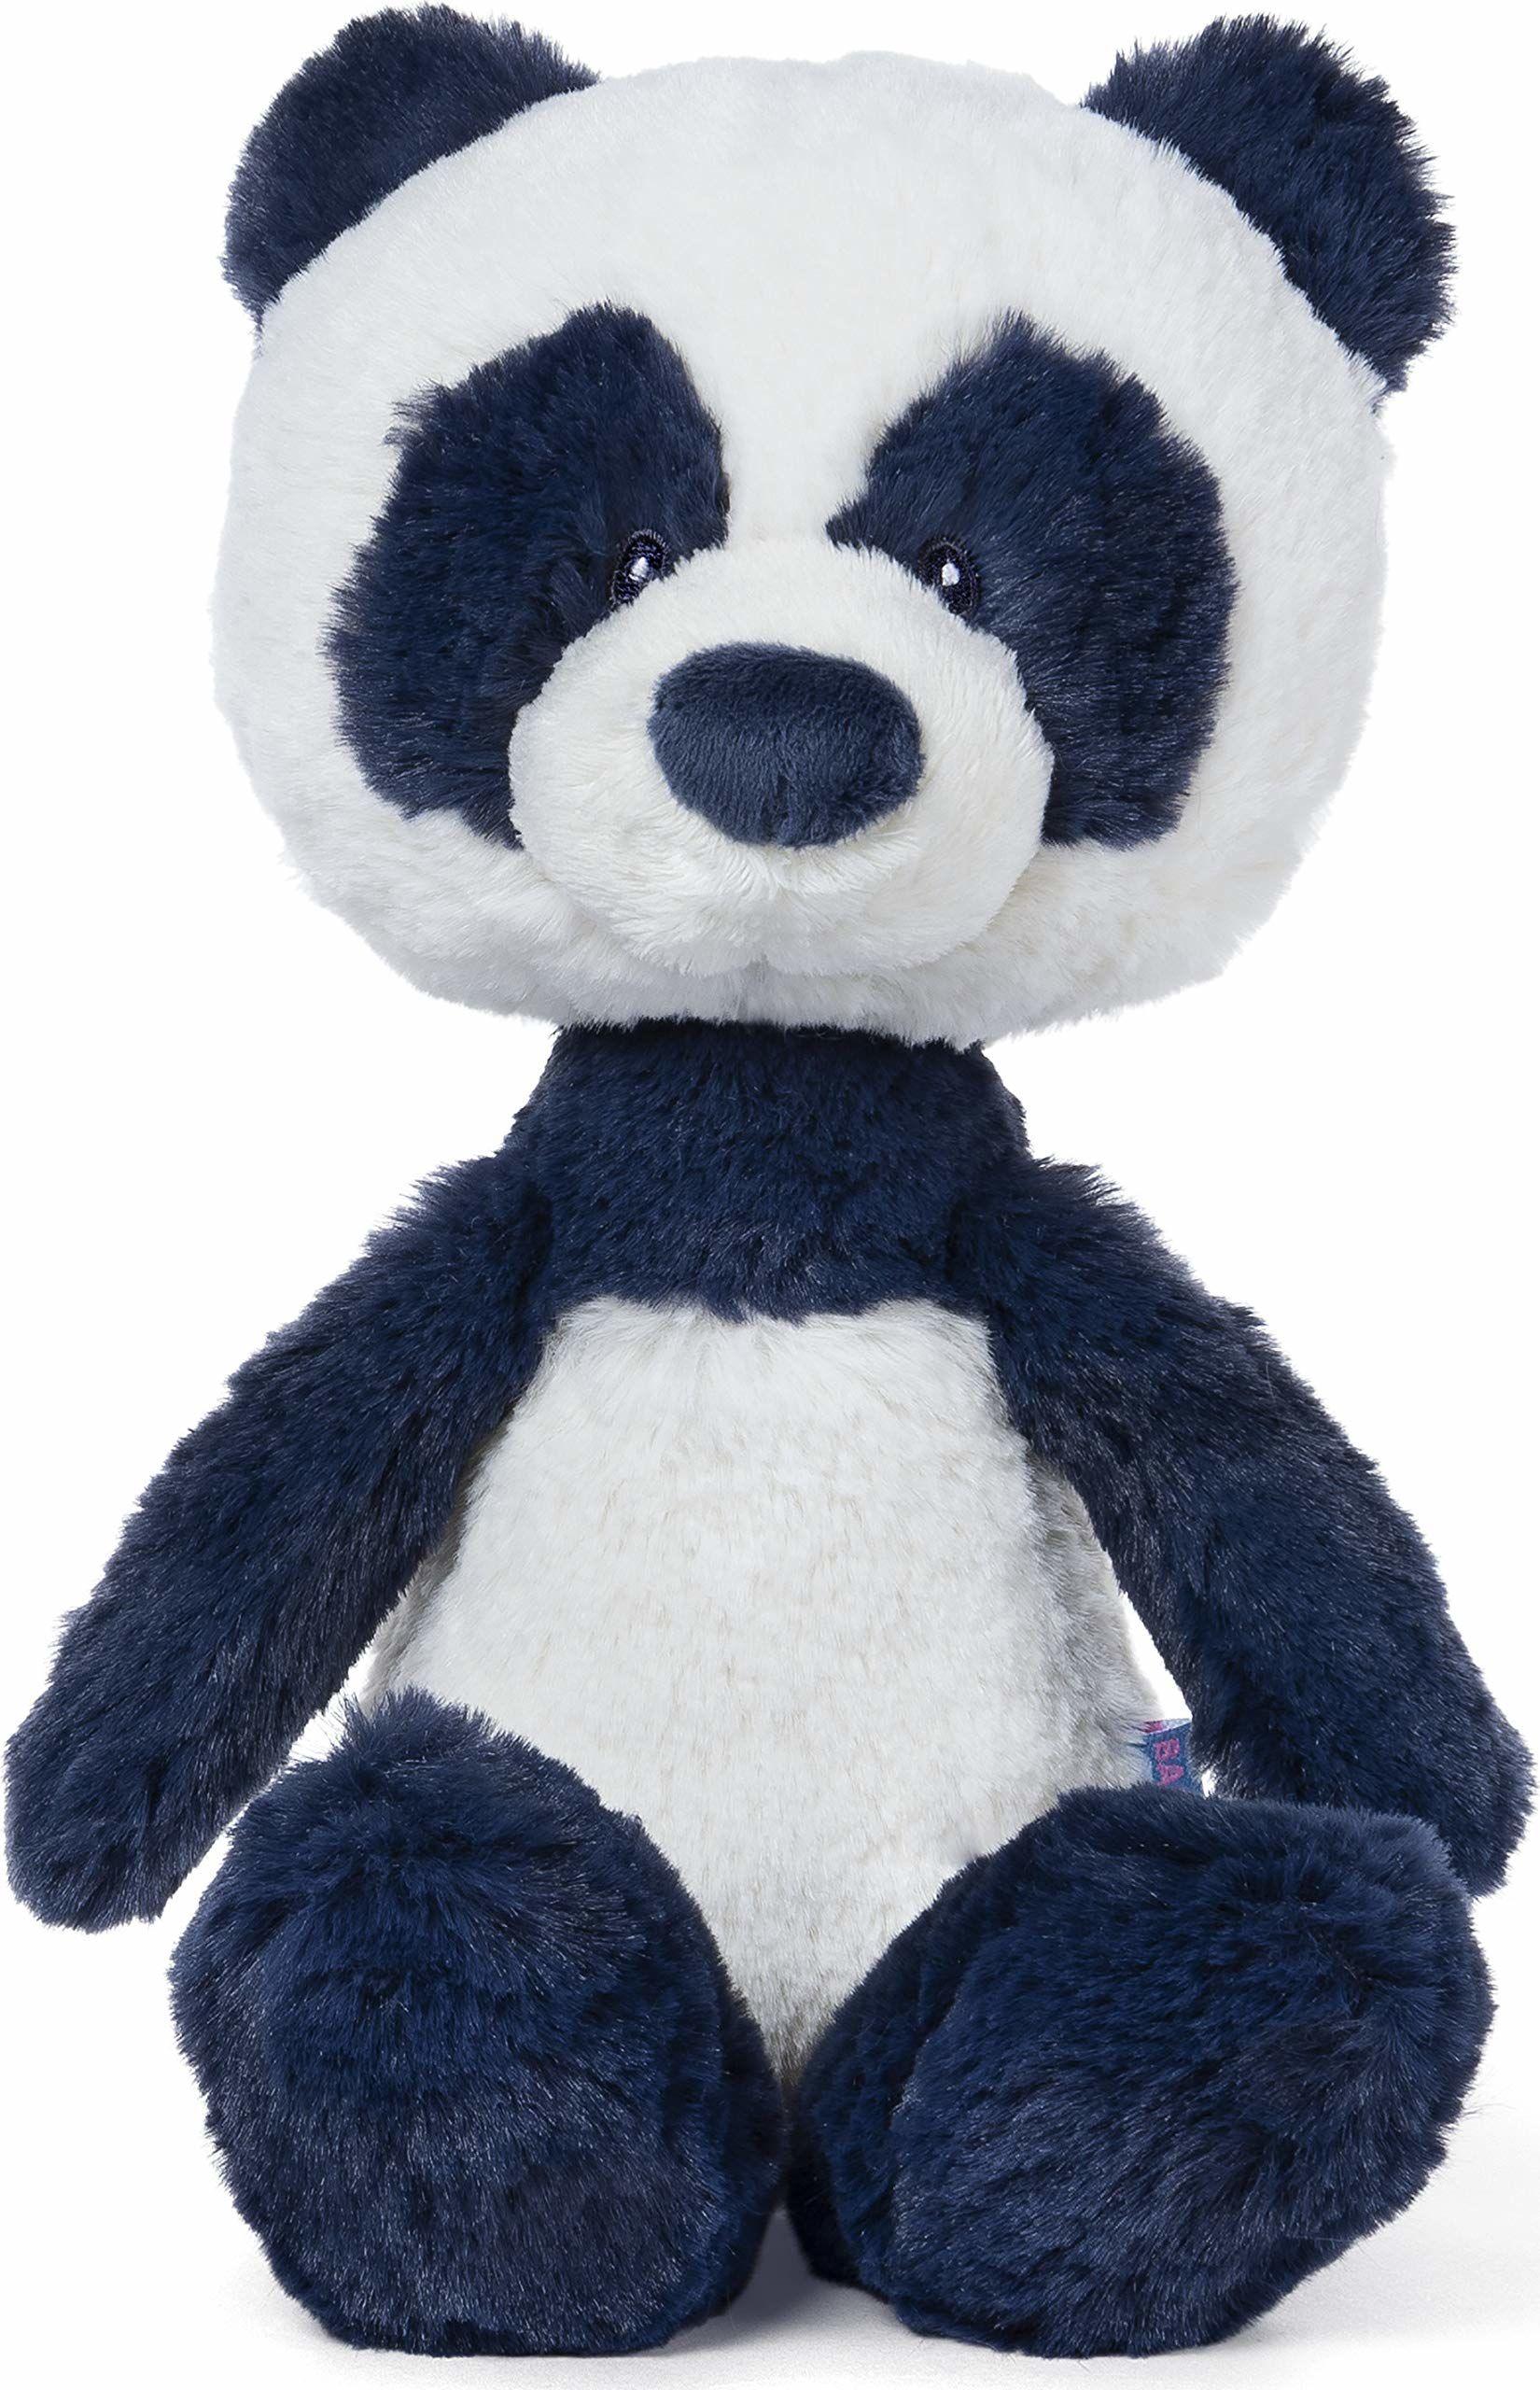 GUND Dziecko wykałaczka Cooper Panda niedźwiedź pluszowe wypchane zwierzę, niebieski, 30 cm